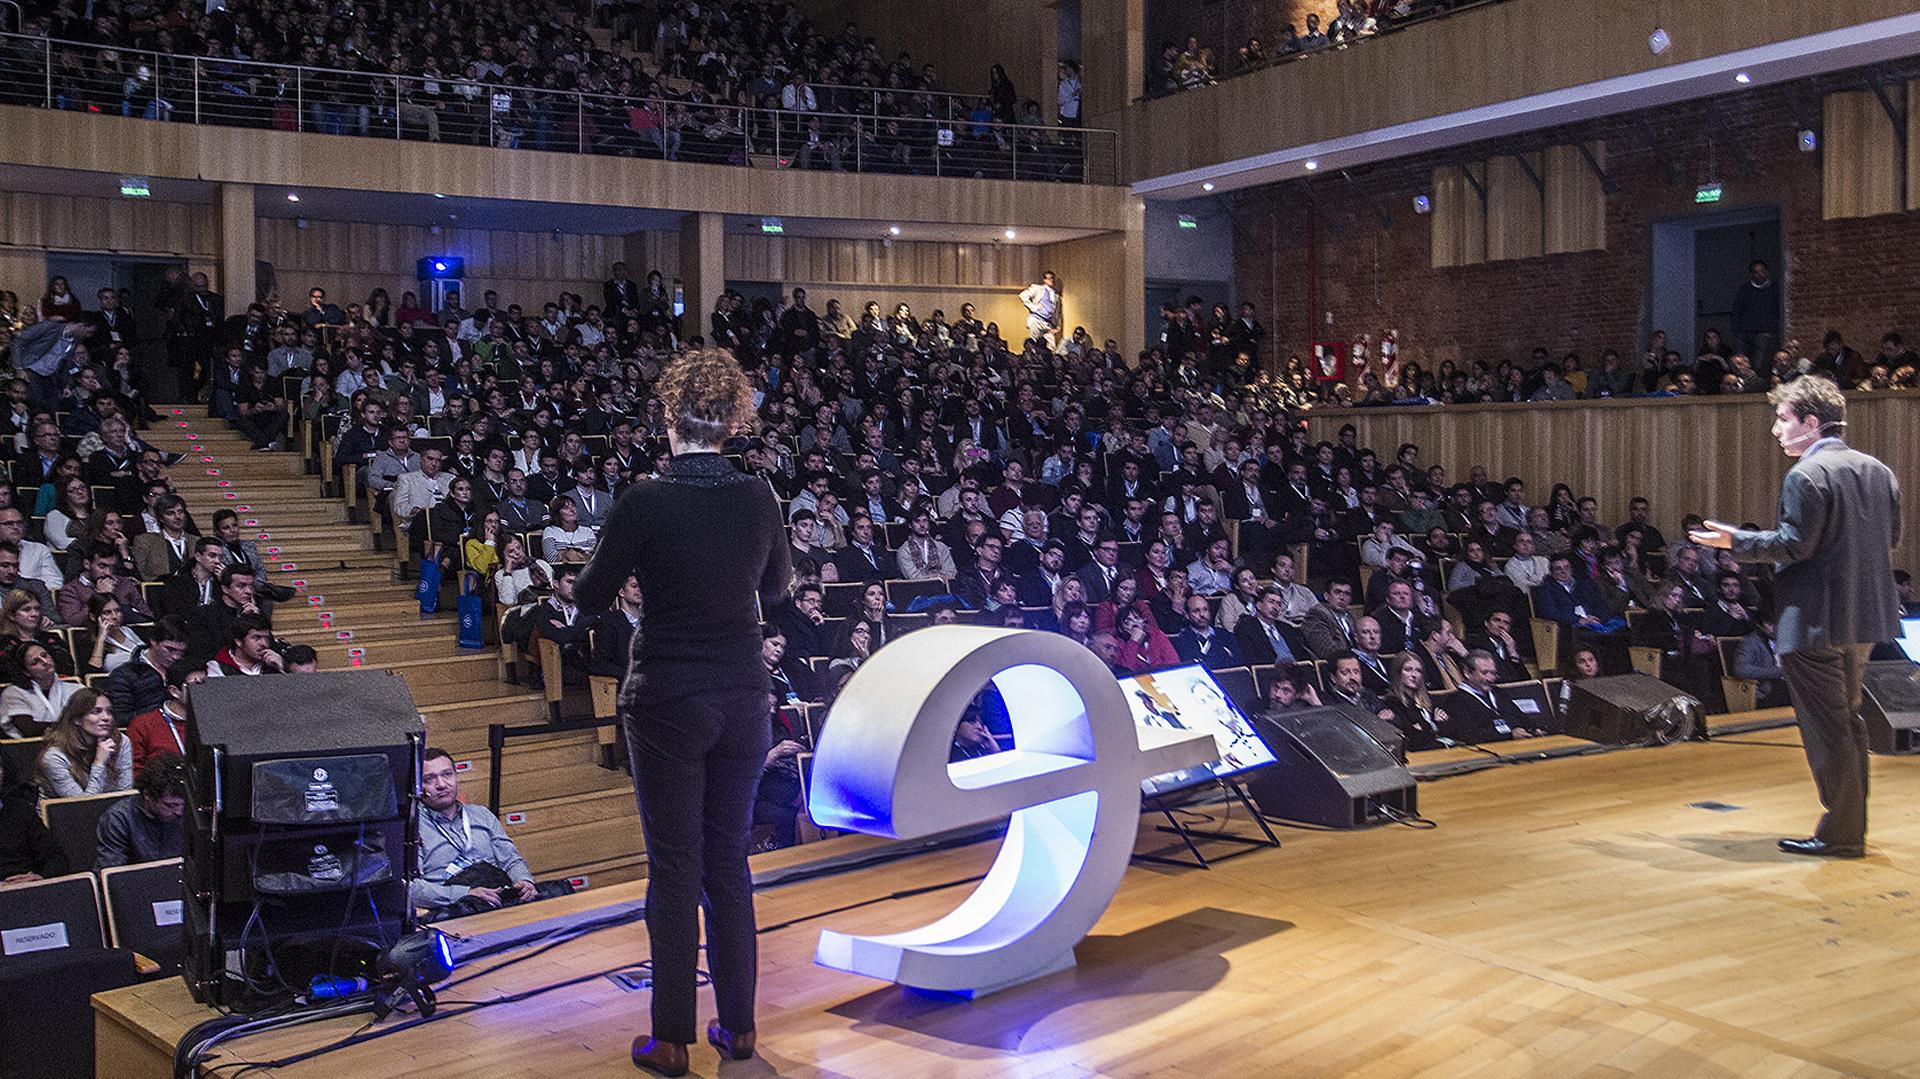 El evento de emprendedores más importante del año se da cita el lunes y martes